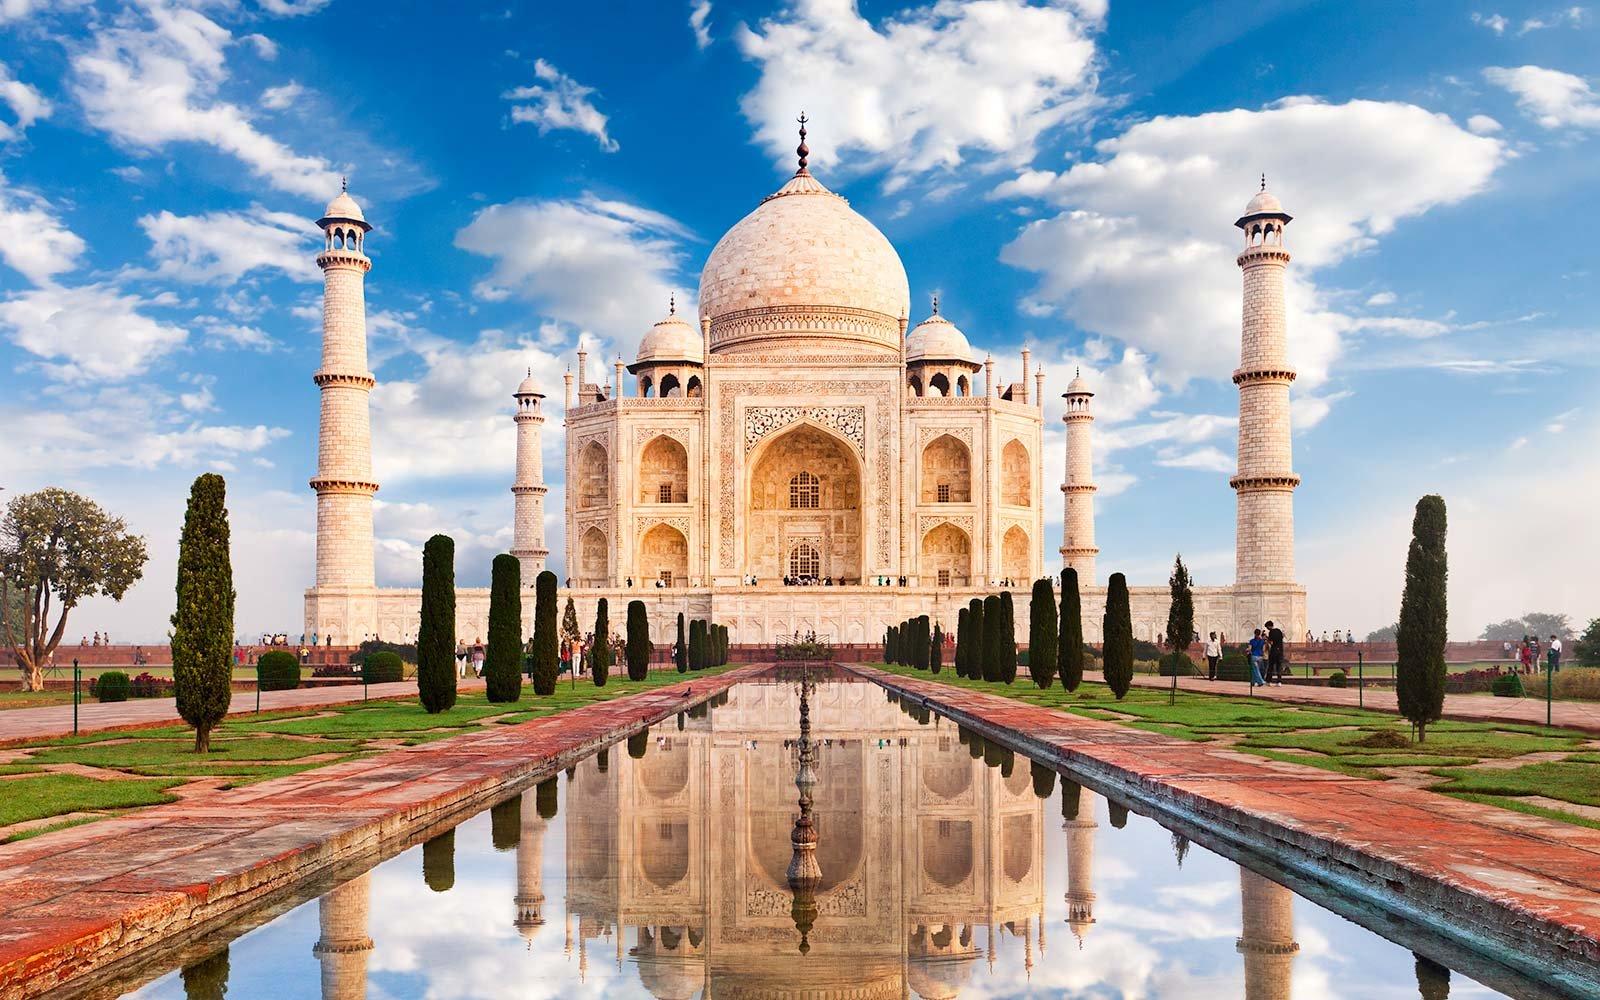 taj-mahal-palace-india-visittaj0118.jpg